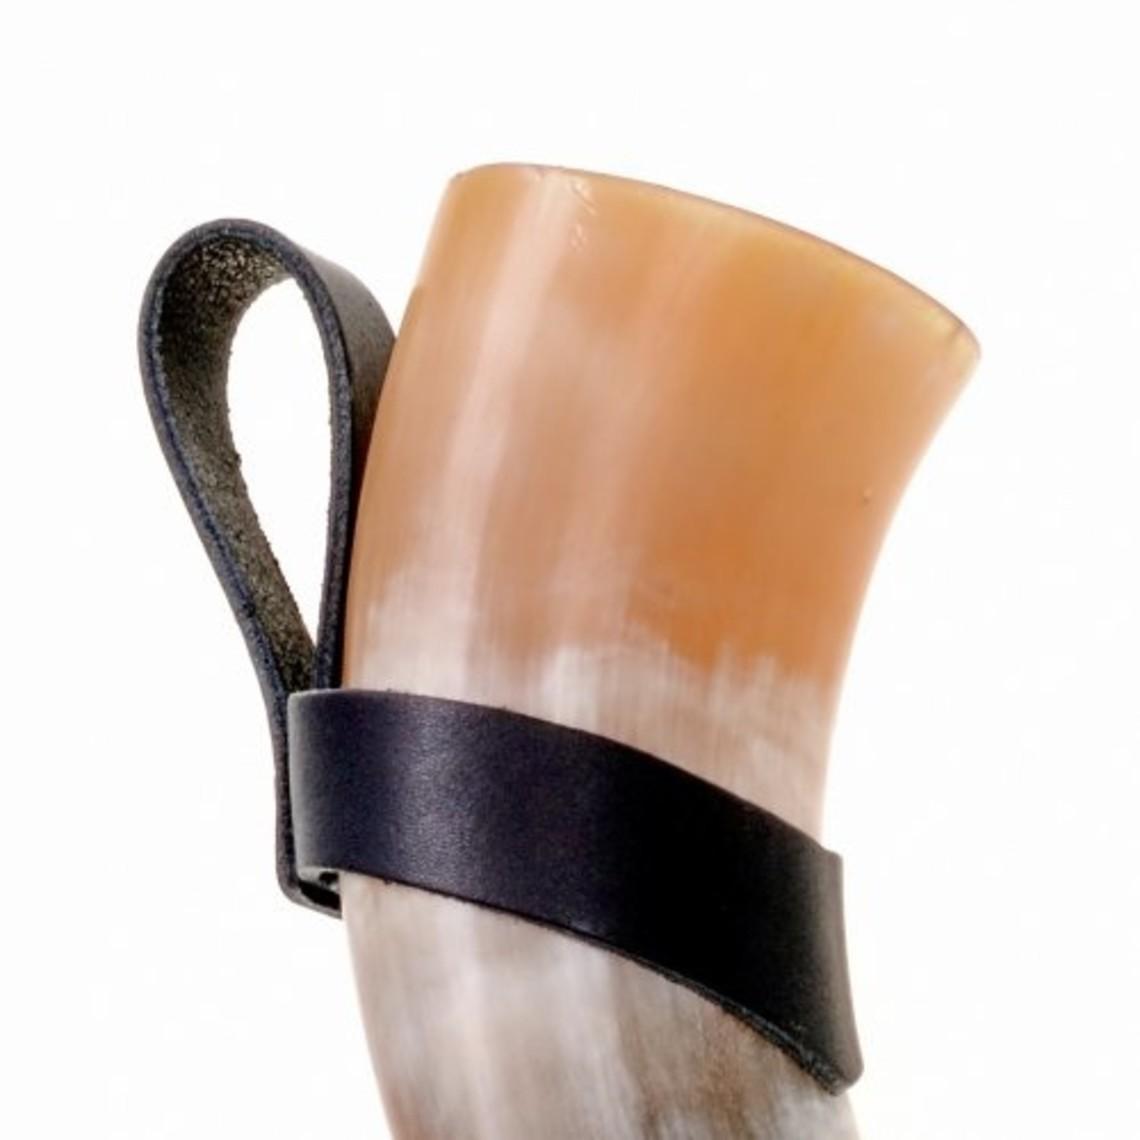 Supporto corno per bere in pelle 0,3 - 0,4 L, marrone